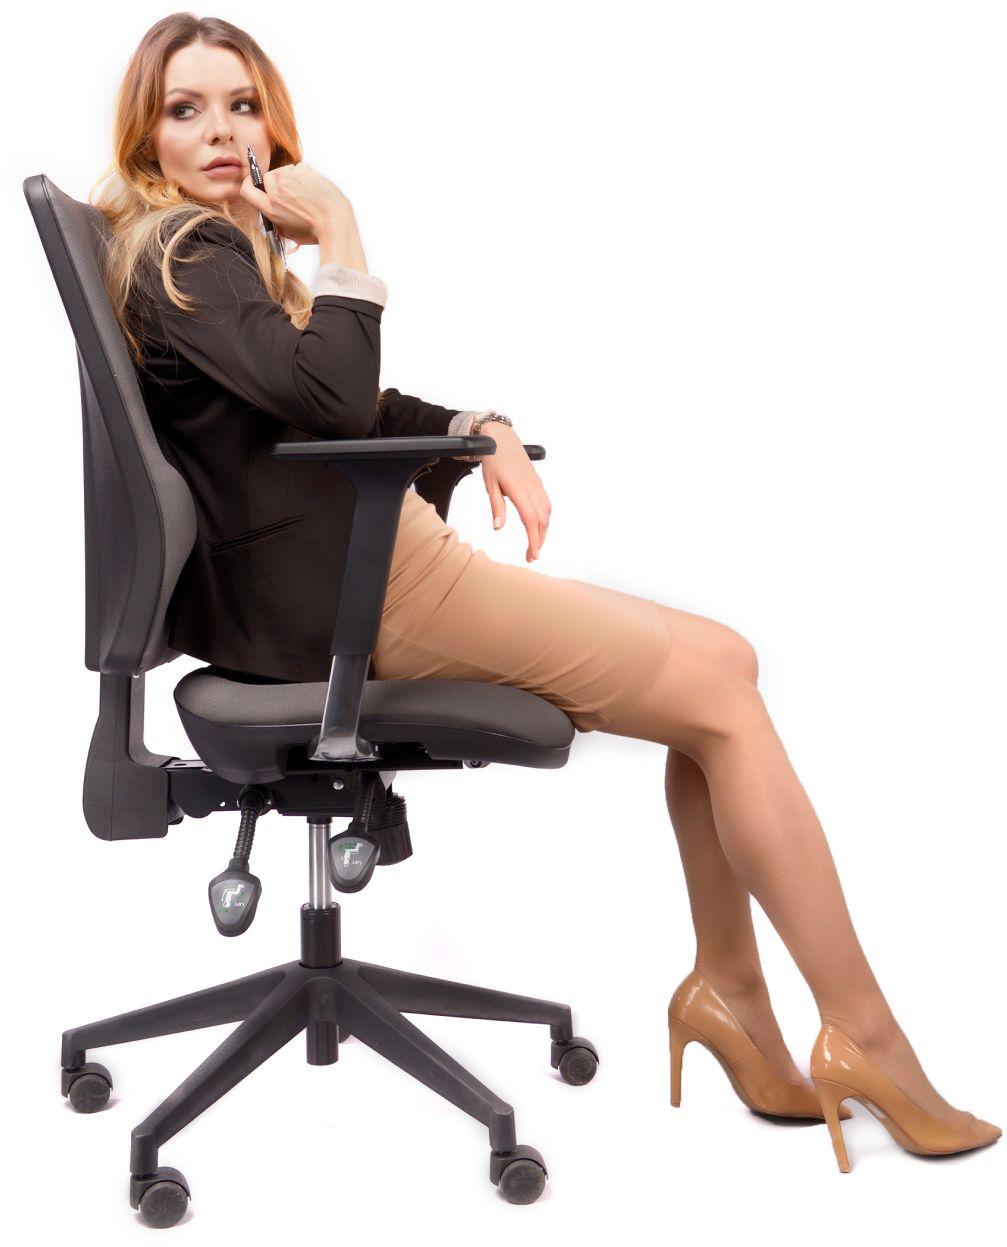 Fotel Business profilaktyczno-rehabilitacyjny Kulik System